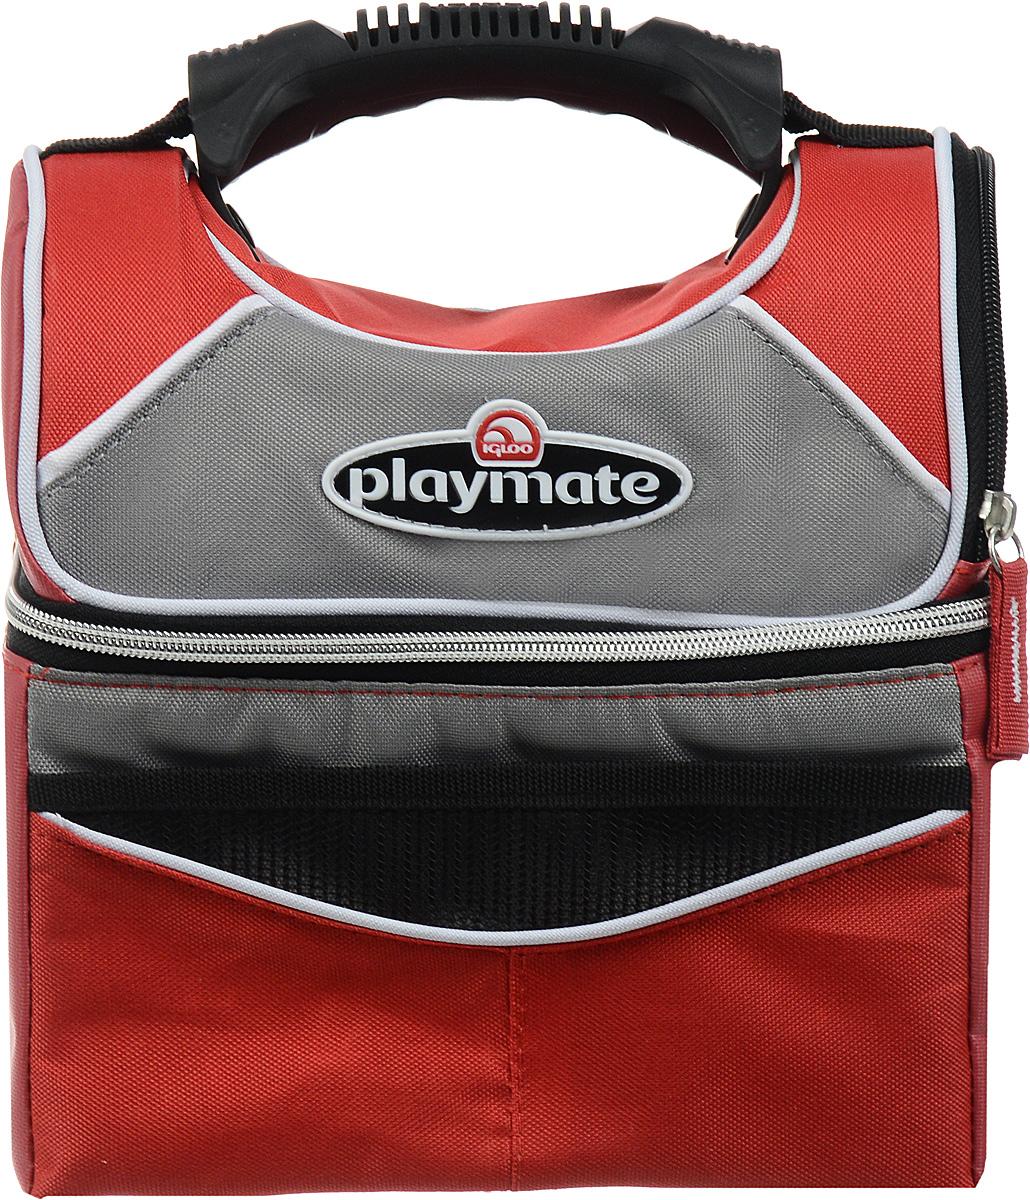 Сумка-термос Igloo Playmate Gripper 9 (красный)00159203Сумка-термос Igloo Playmate Gripper 9 (красный) Длина: 22,86см Ширина : 15,87см Высота: 26,67см